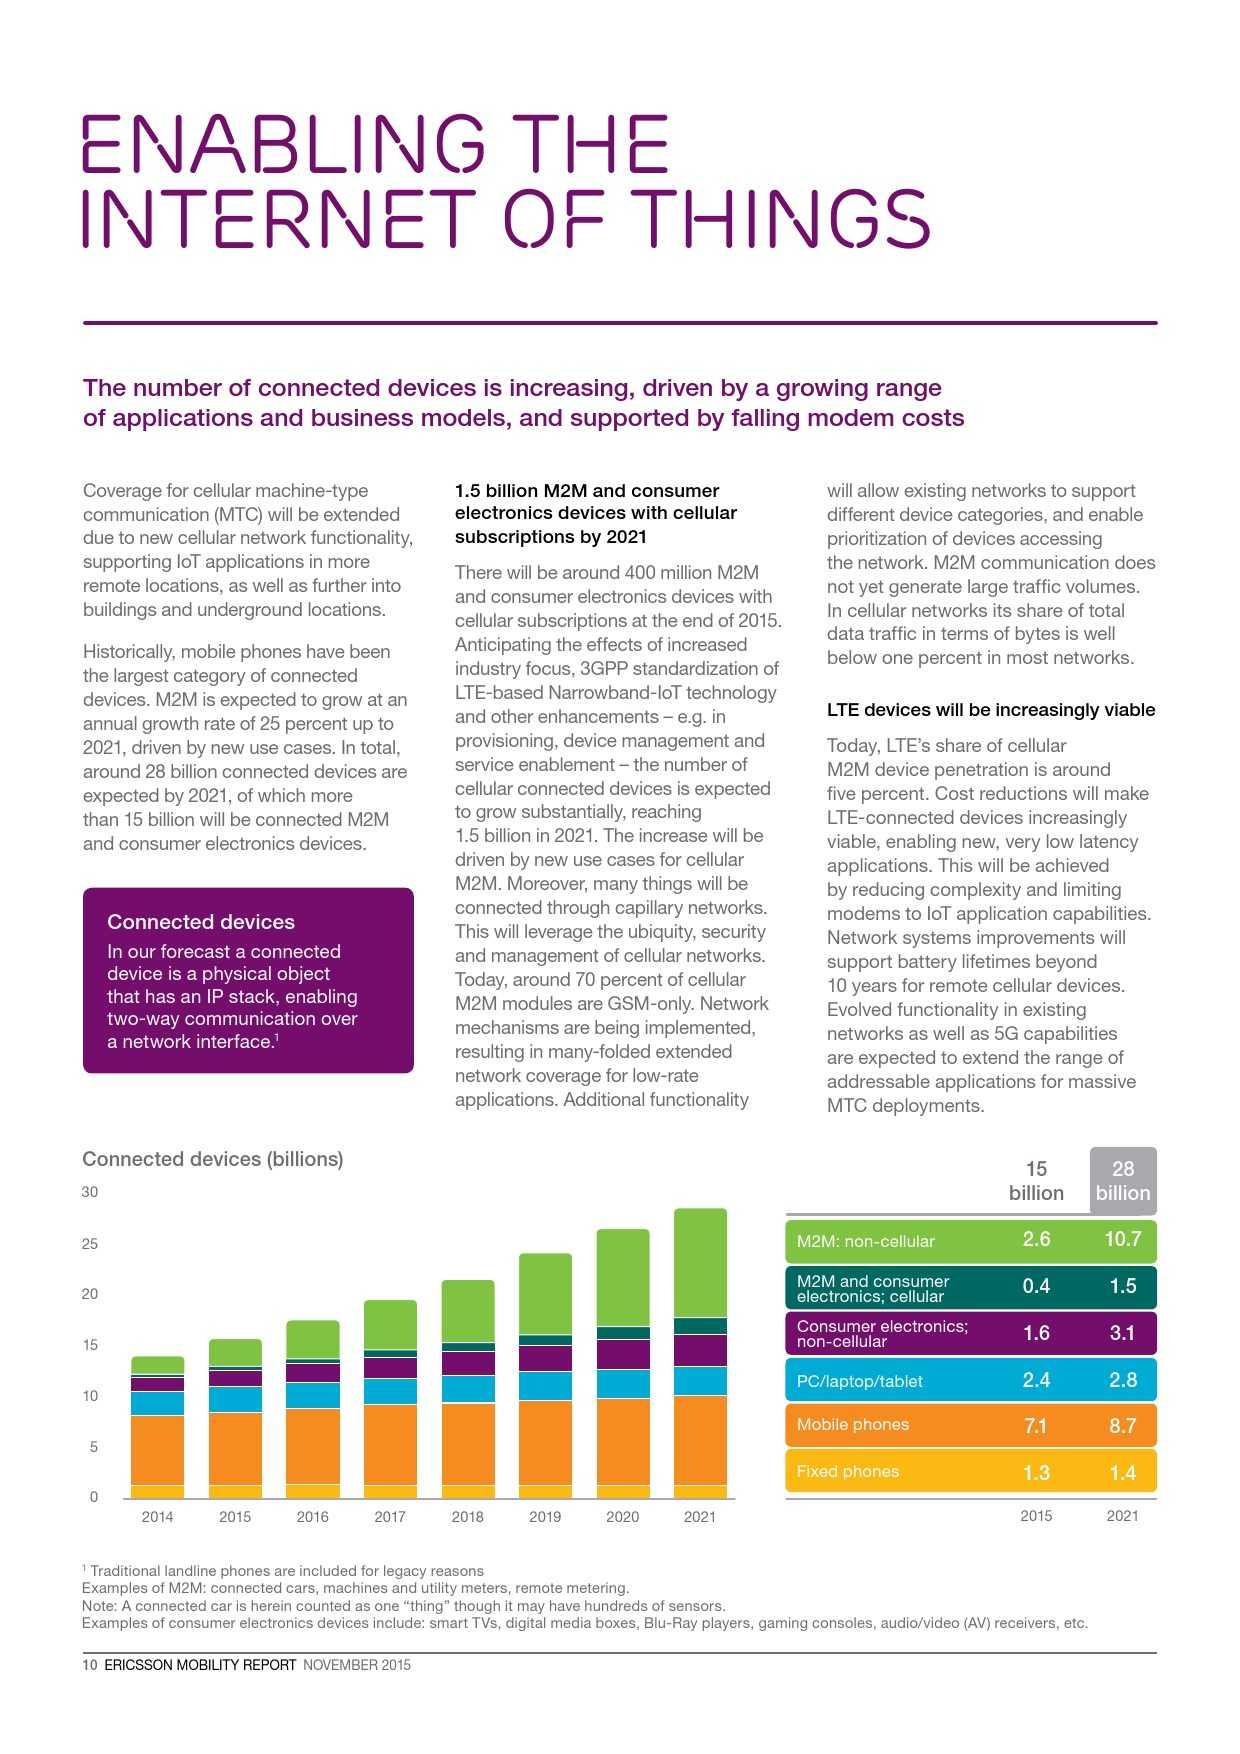 爱立信:2015年移动市场报告_000010